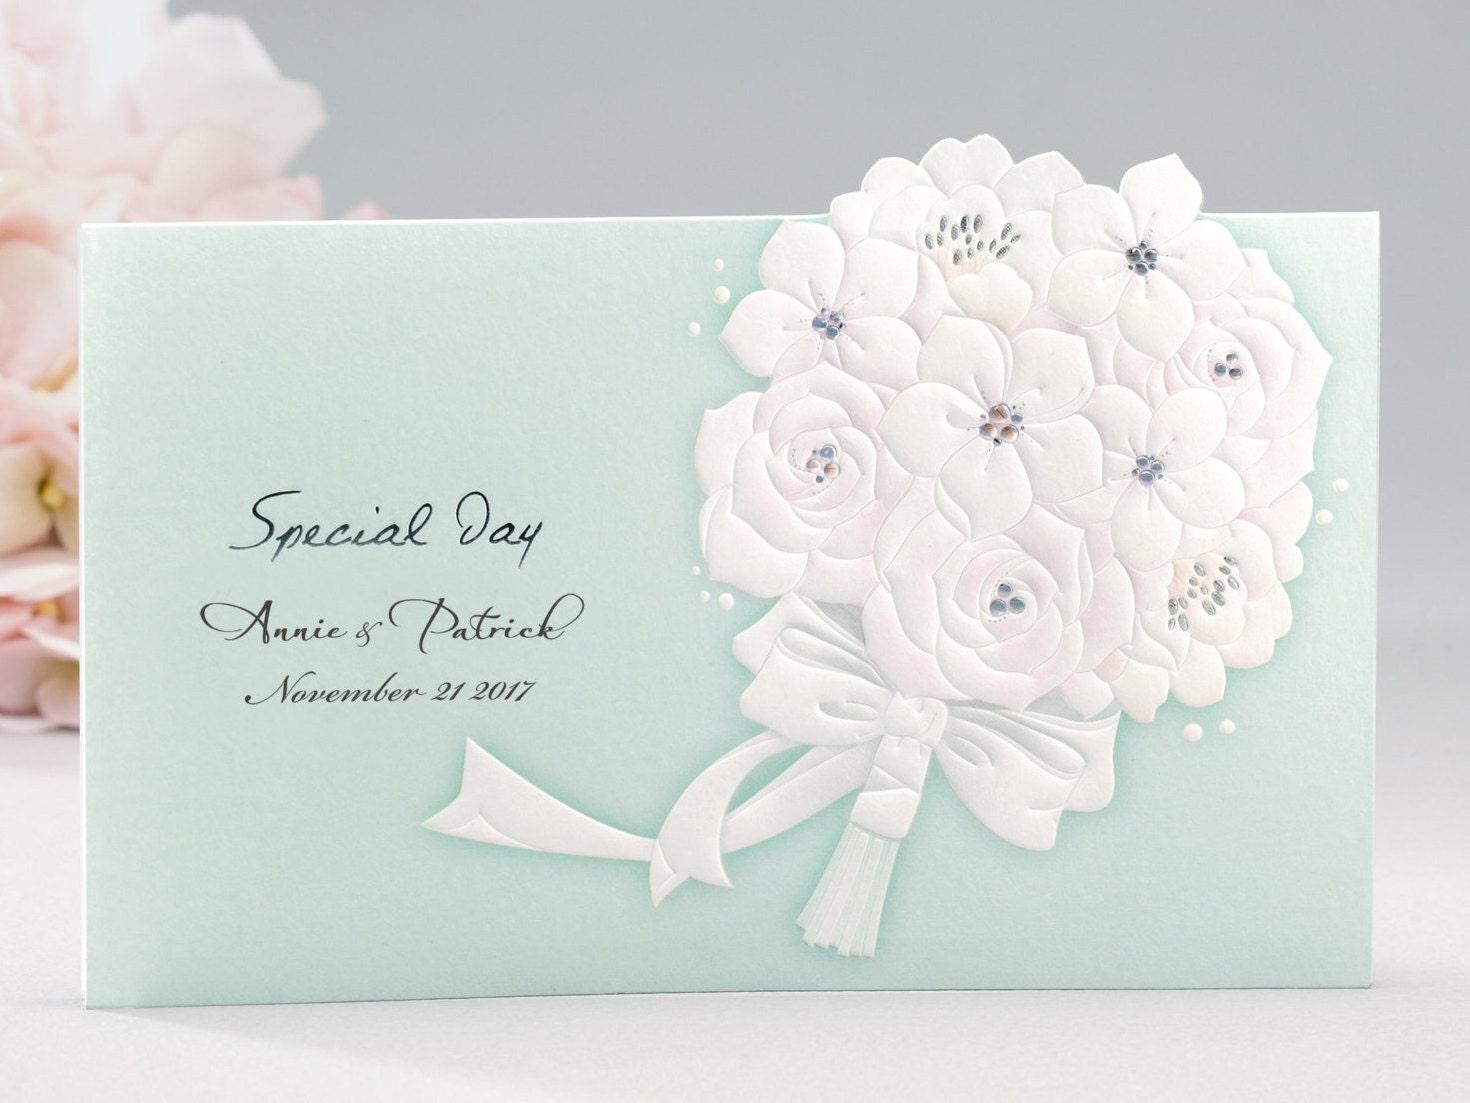 Tiffany Blue Wedding Invitations Kits: Tiffany Blue Wedding Invitations White Embossed Elegant